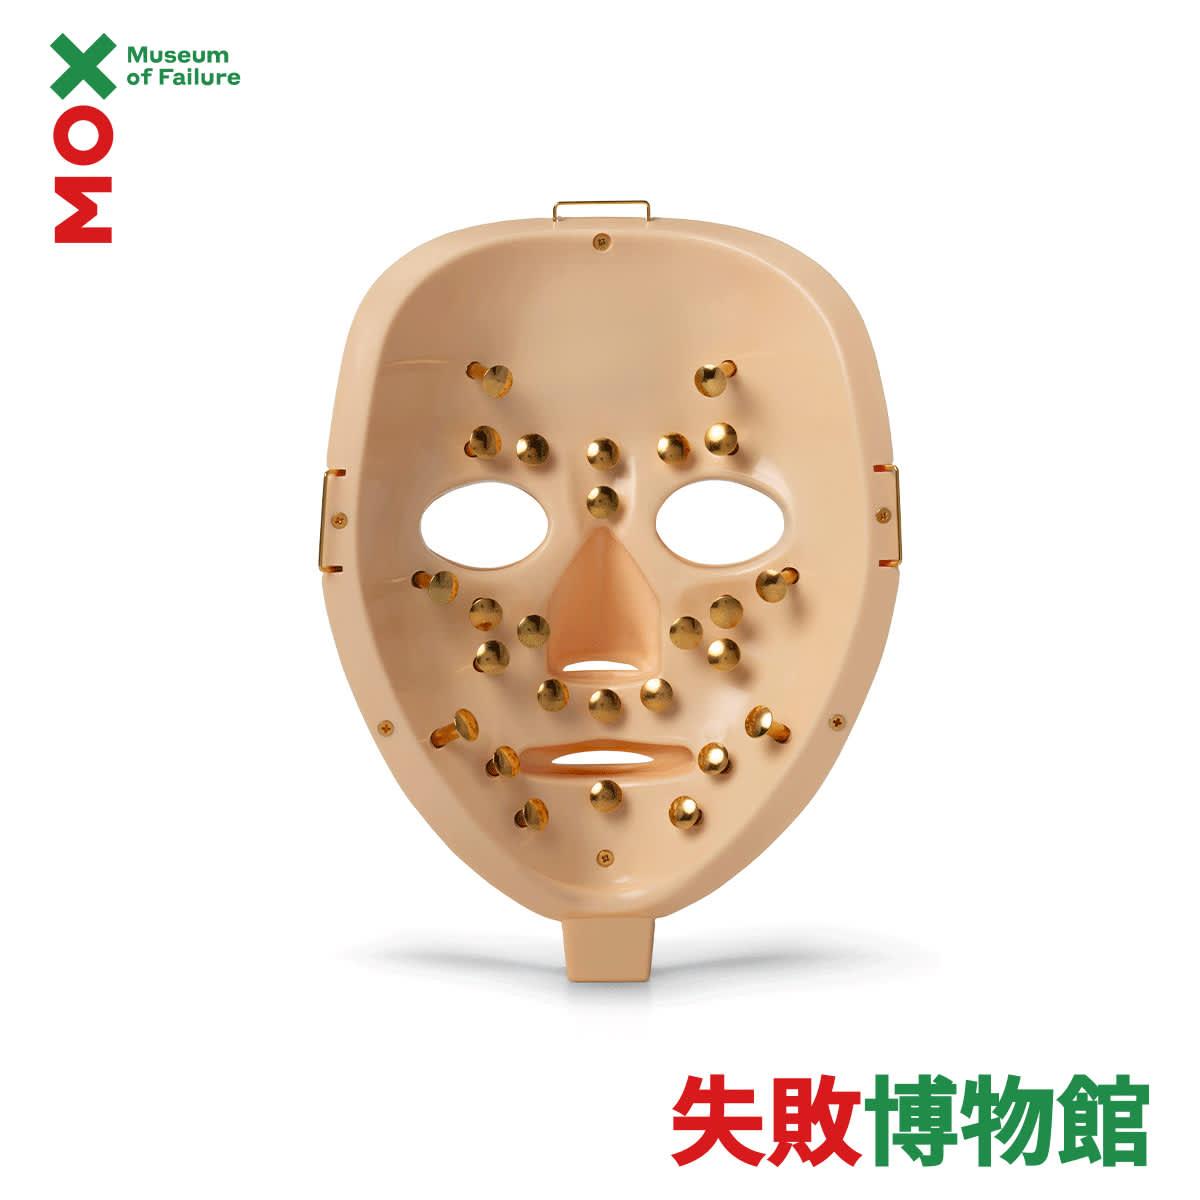 快來失敗博物館,一探究竟面具的神奇功能!